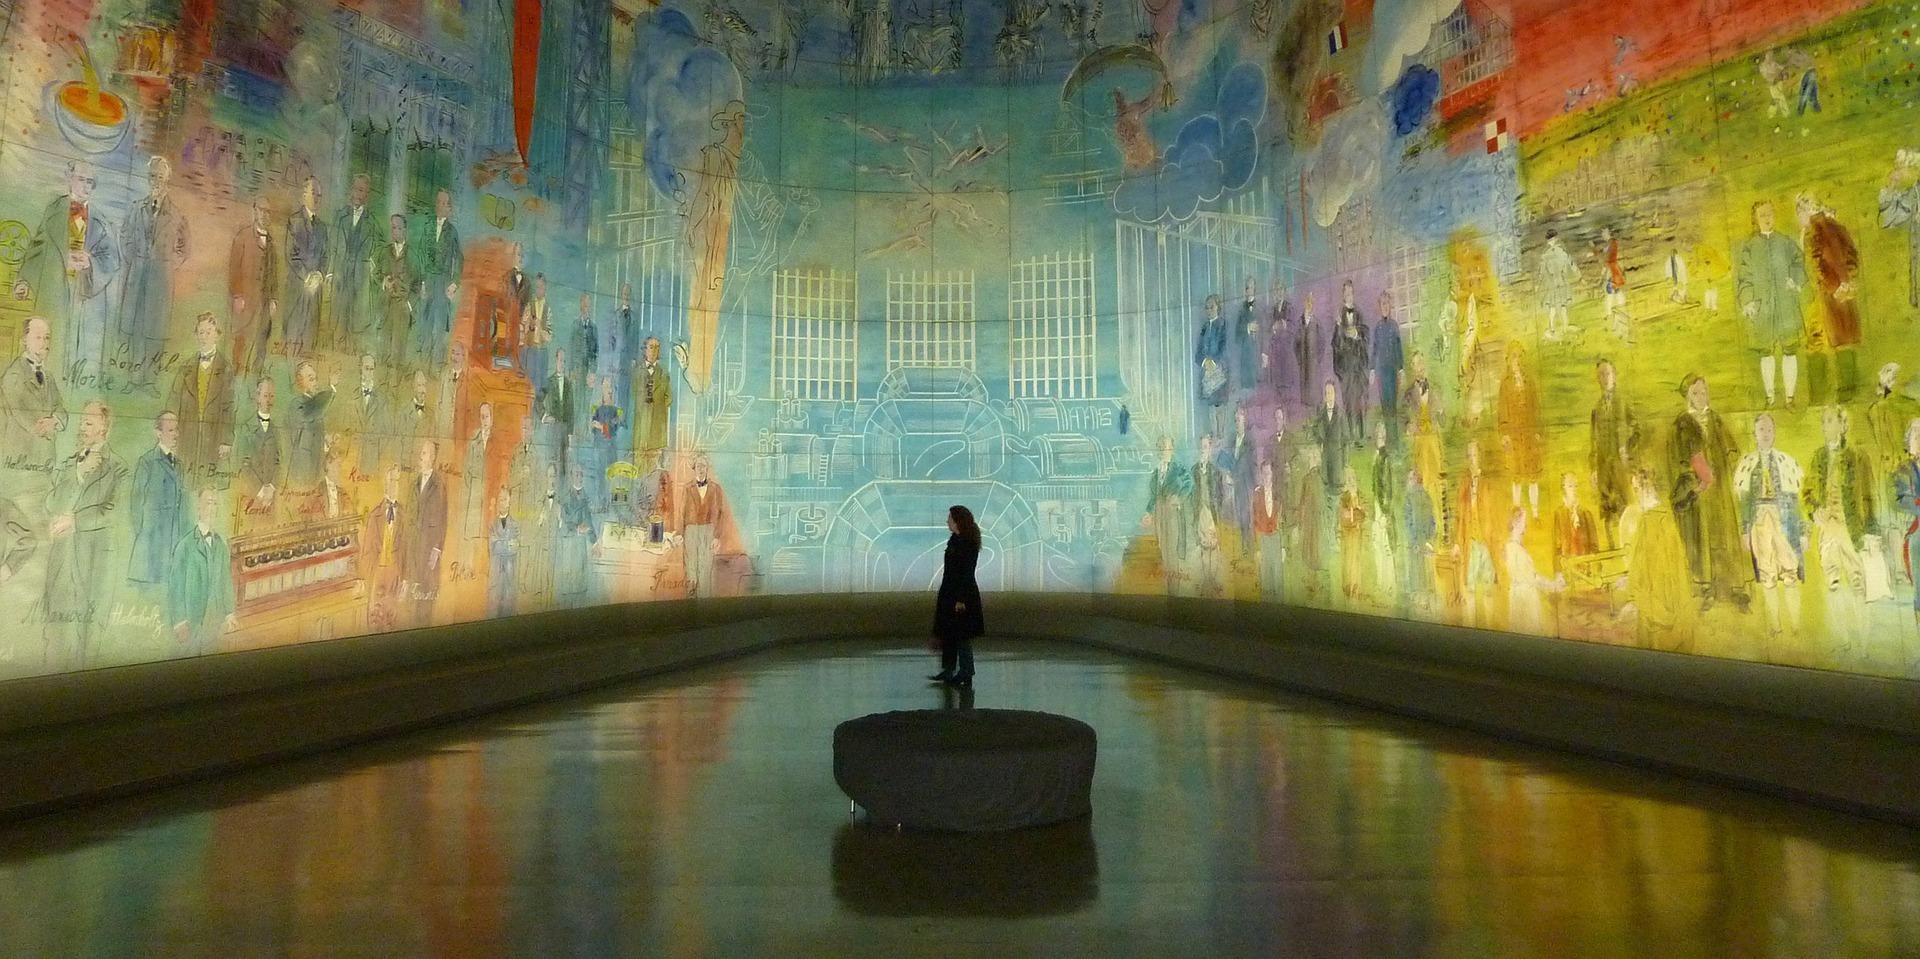 Blog d'arte e l'arte del blog: intervista a Caterina Stringhetta